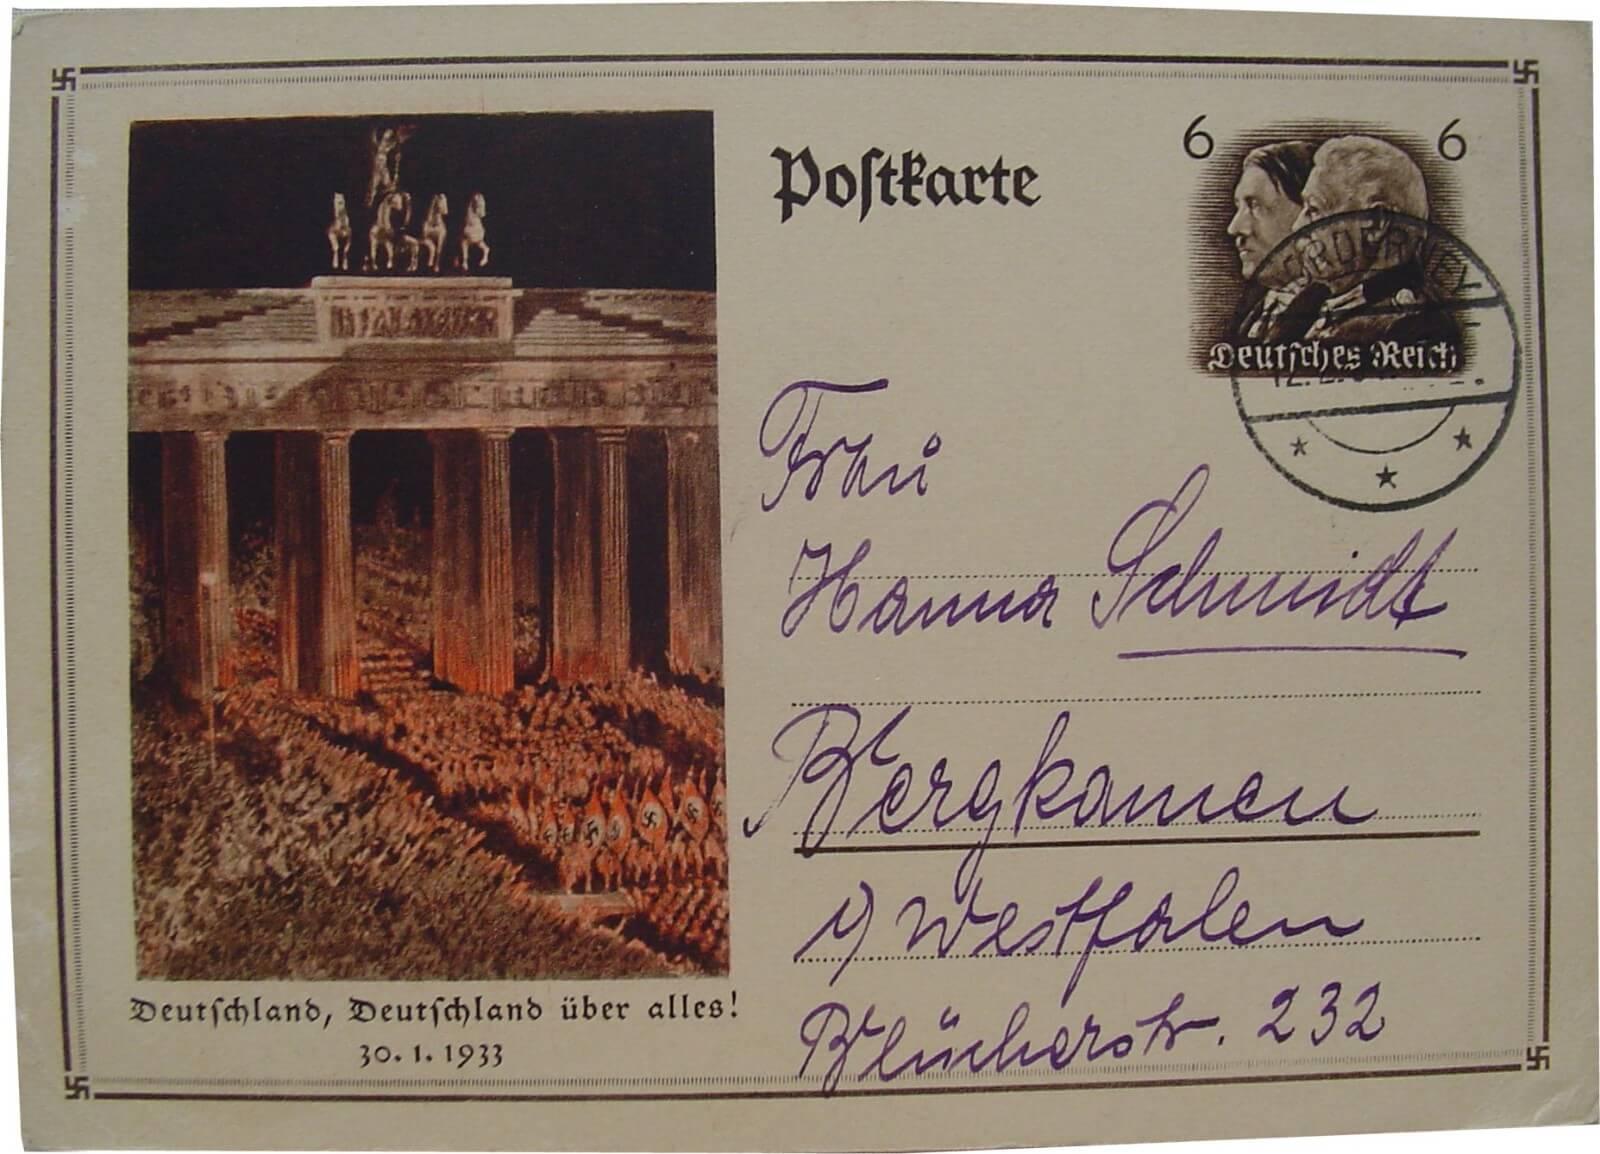 Duitse propaganda postkaart 1934 Wo2 de tweede wereldoorlog